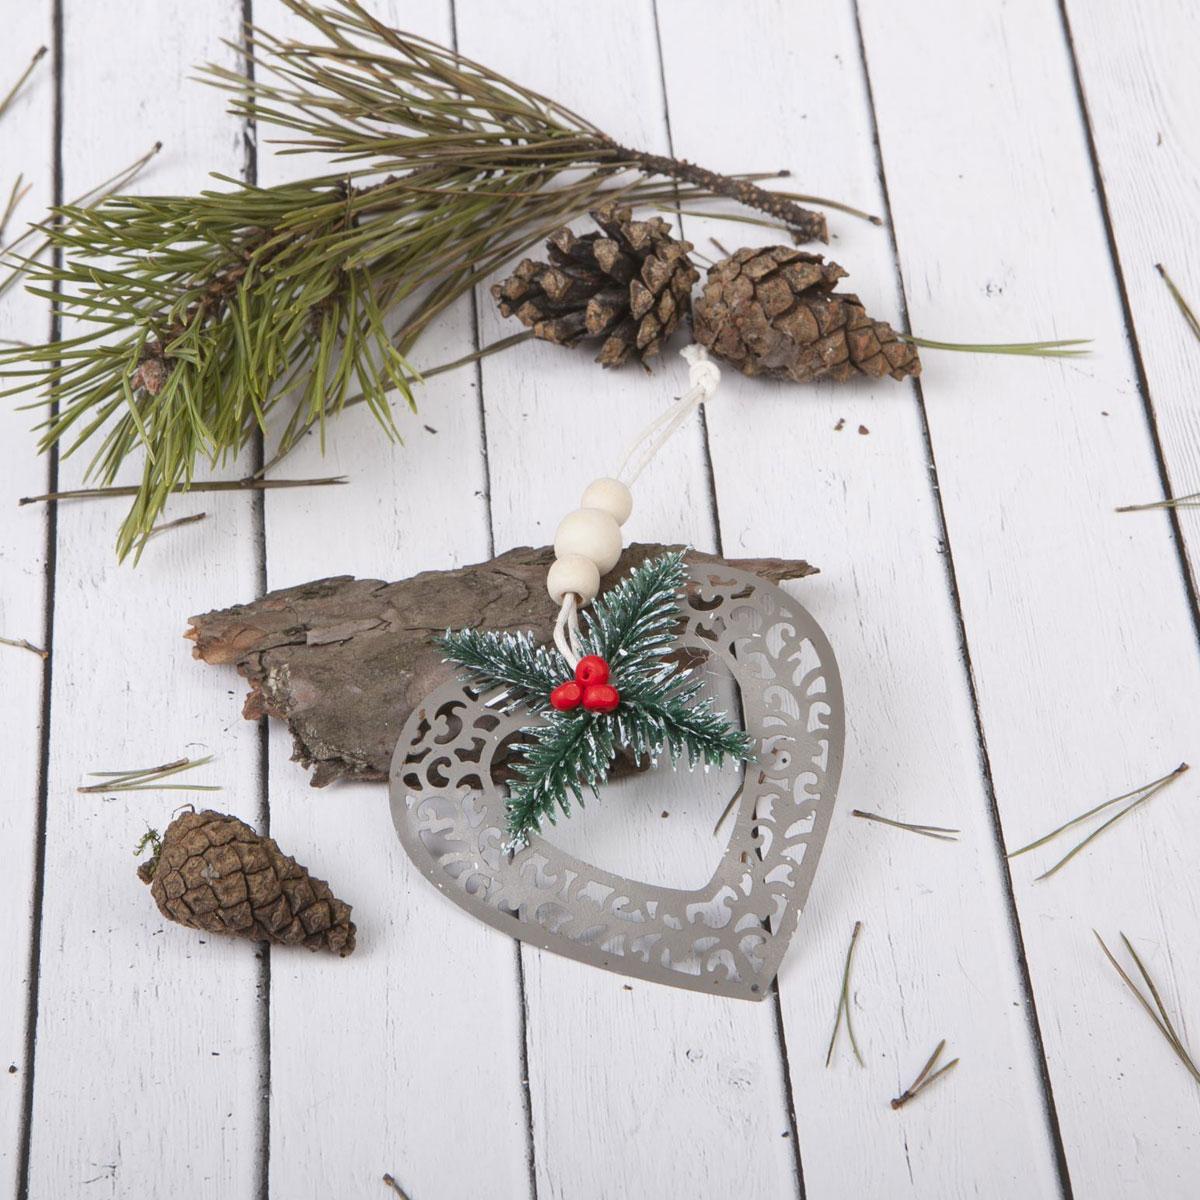 Новогоднее подвесное украшение Sima-land Сердце, 9 х 8,5 см1392763Новогоднее украшение Sima-land отлично подойдет для декорации вашего дома и новогодней ели.Елочная игрушка - символ Нового года. Она несет в себе волшебство и красоту праздника. Такое украшение создаст в вашем доме атмосферу праздника, веселья и радости.